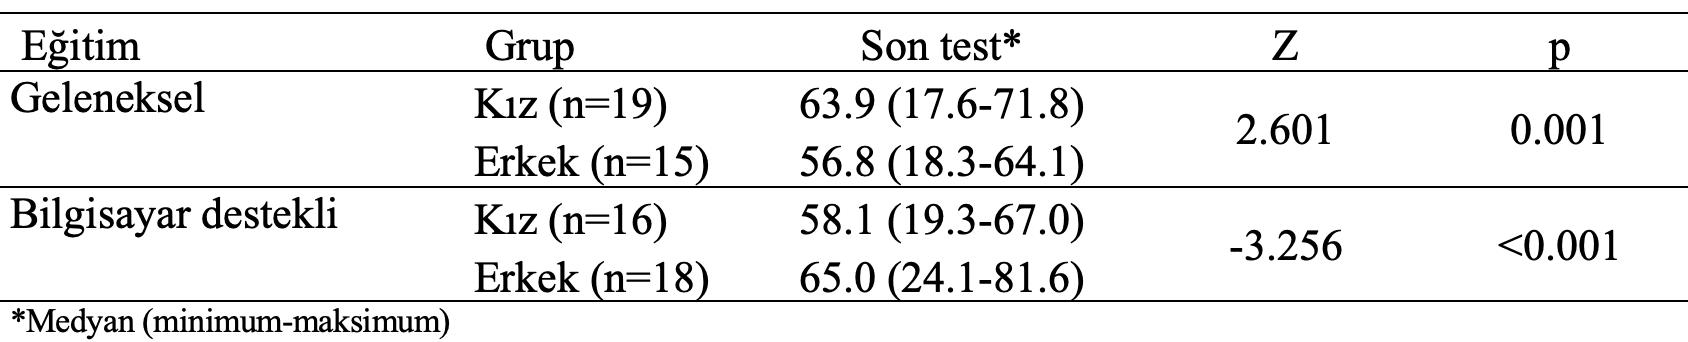 geleneksel-bilgisayar-destekli-son-test-cinsiyete-karsilastirma